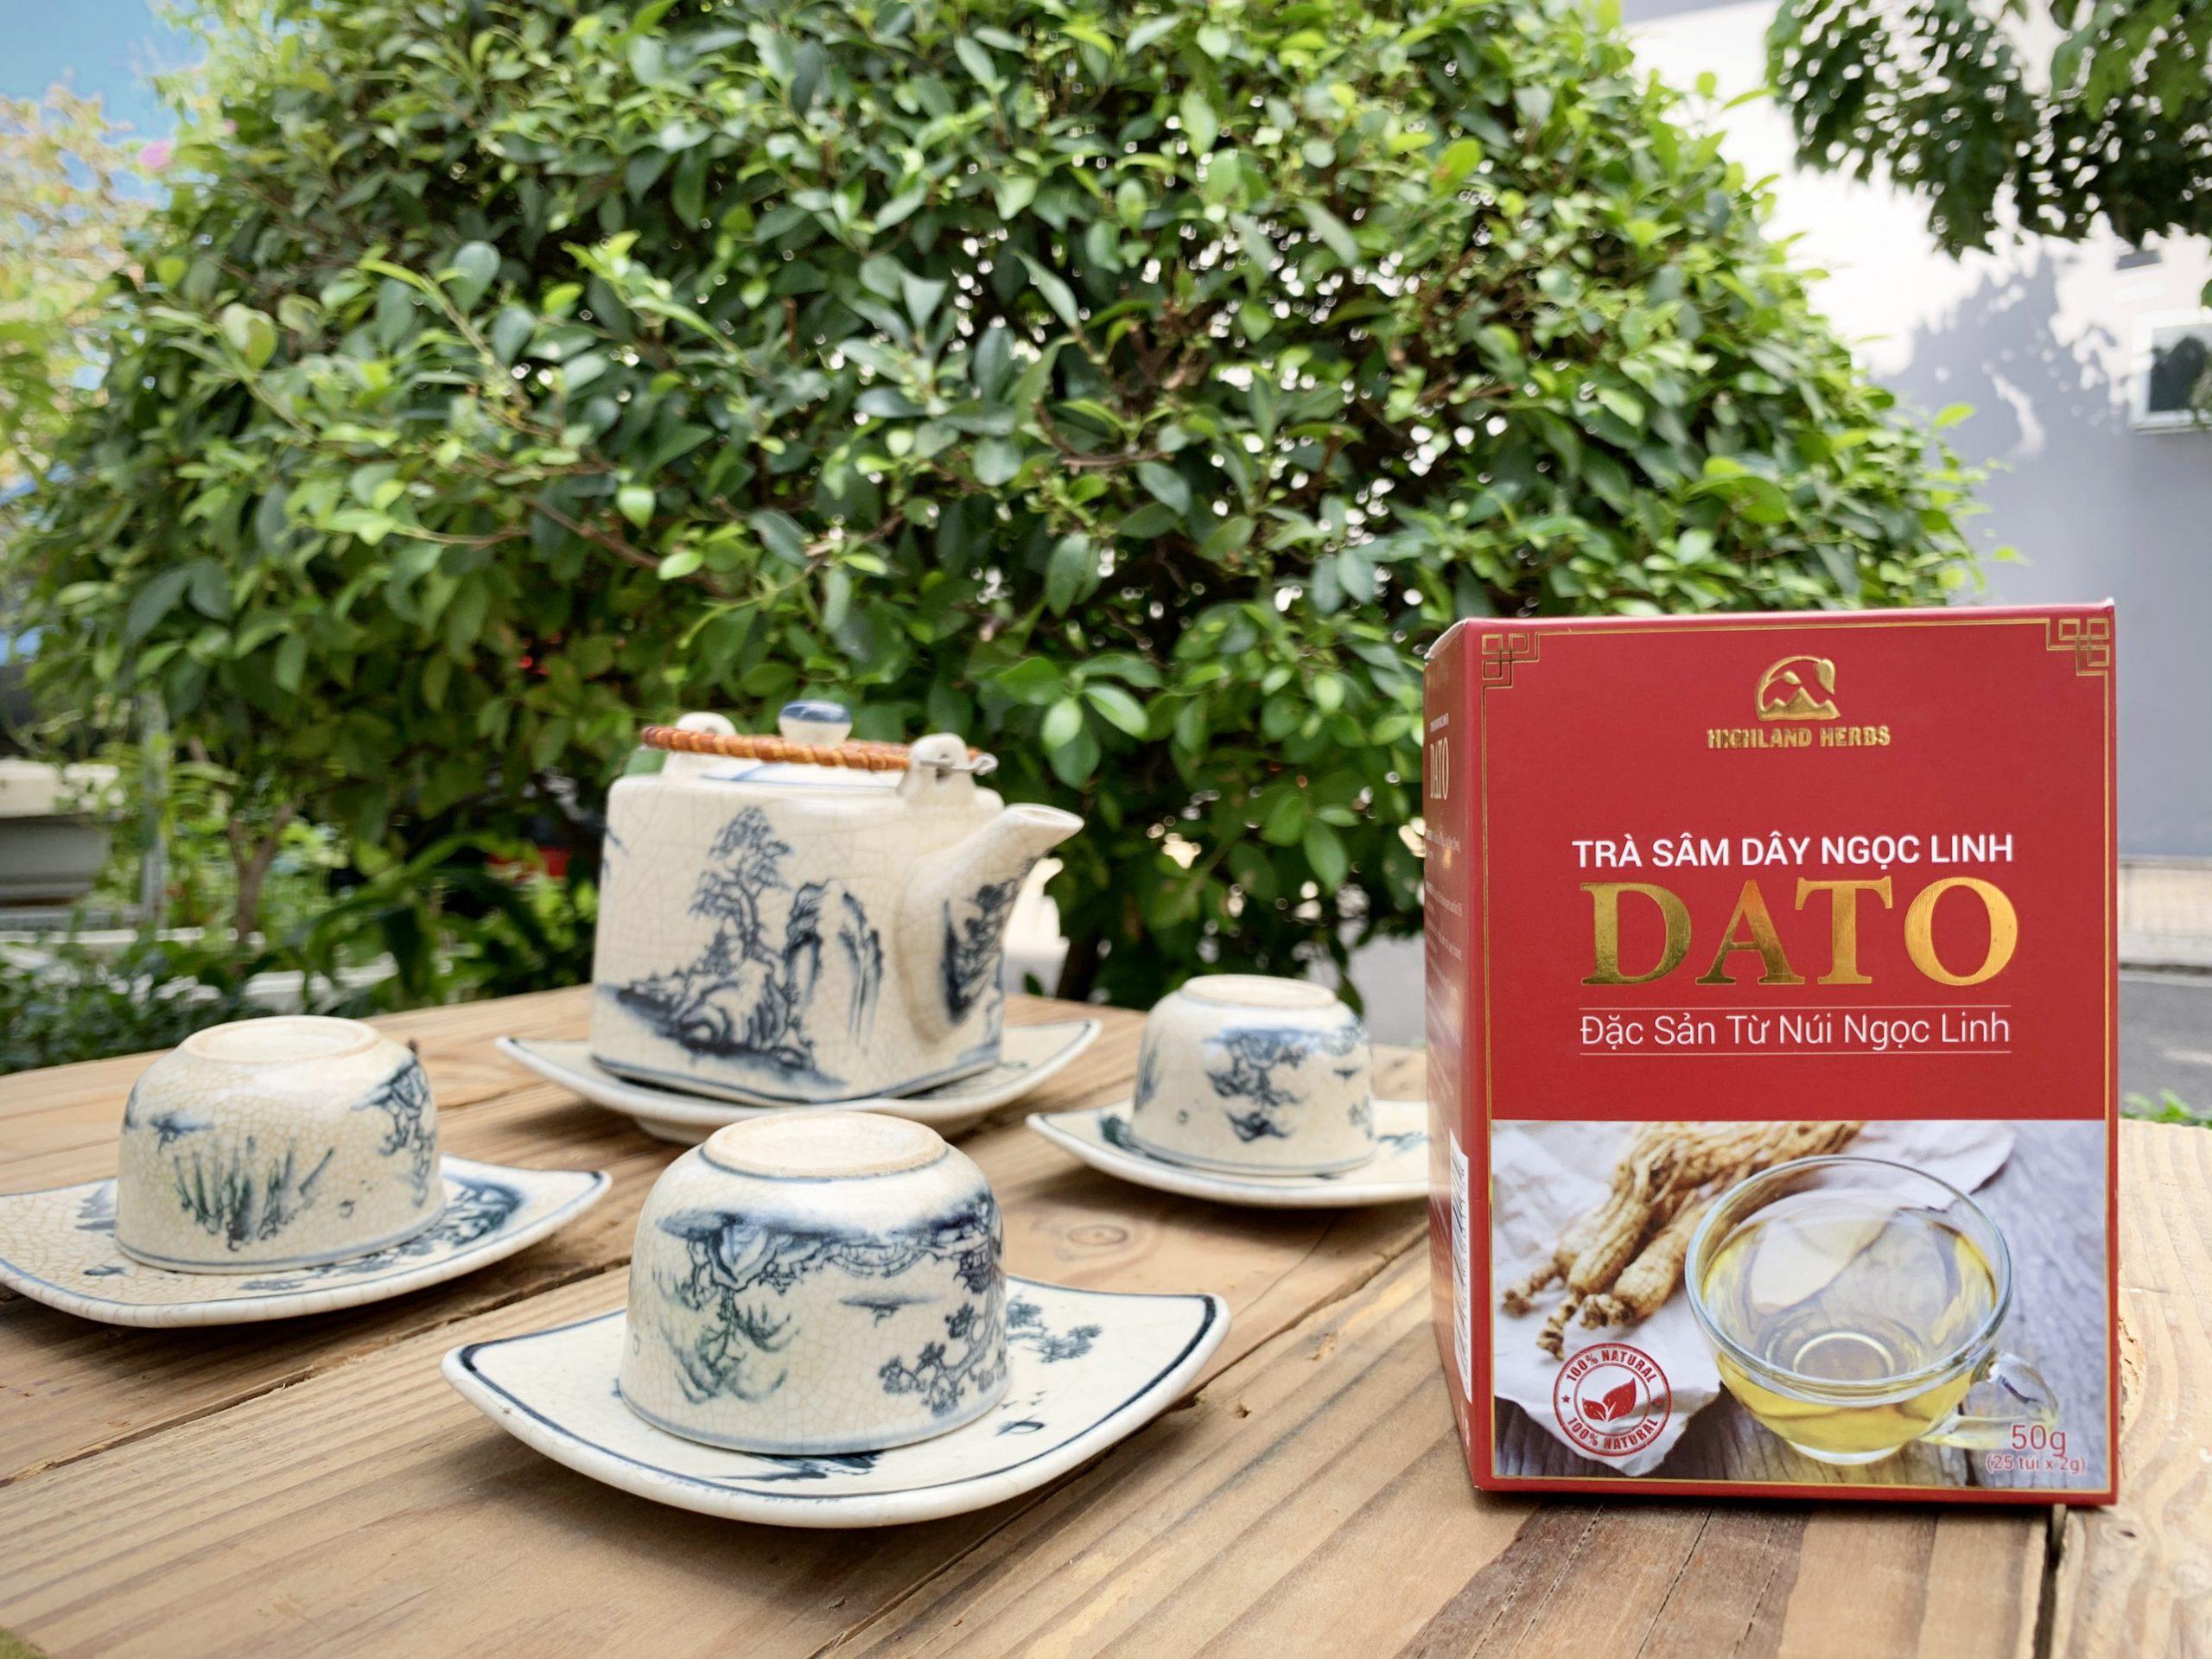 Trà sâm dây Ngọc Linh DATO - đặc sản nổi tiếng Kon Tum